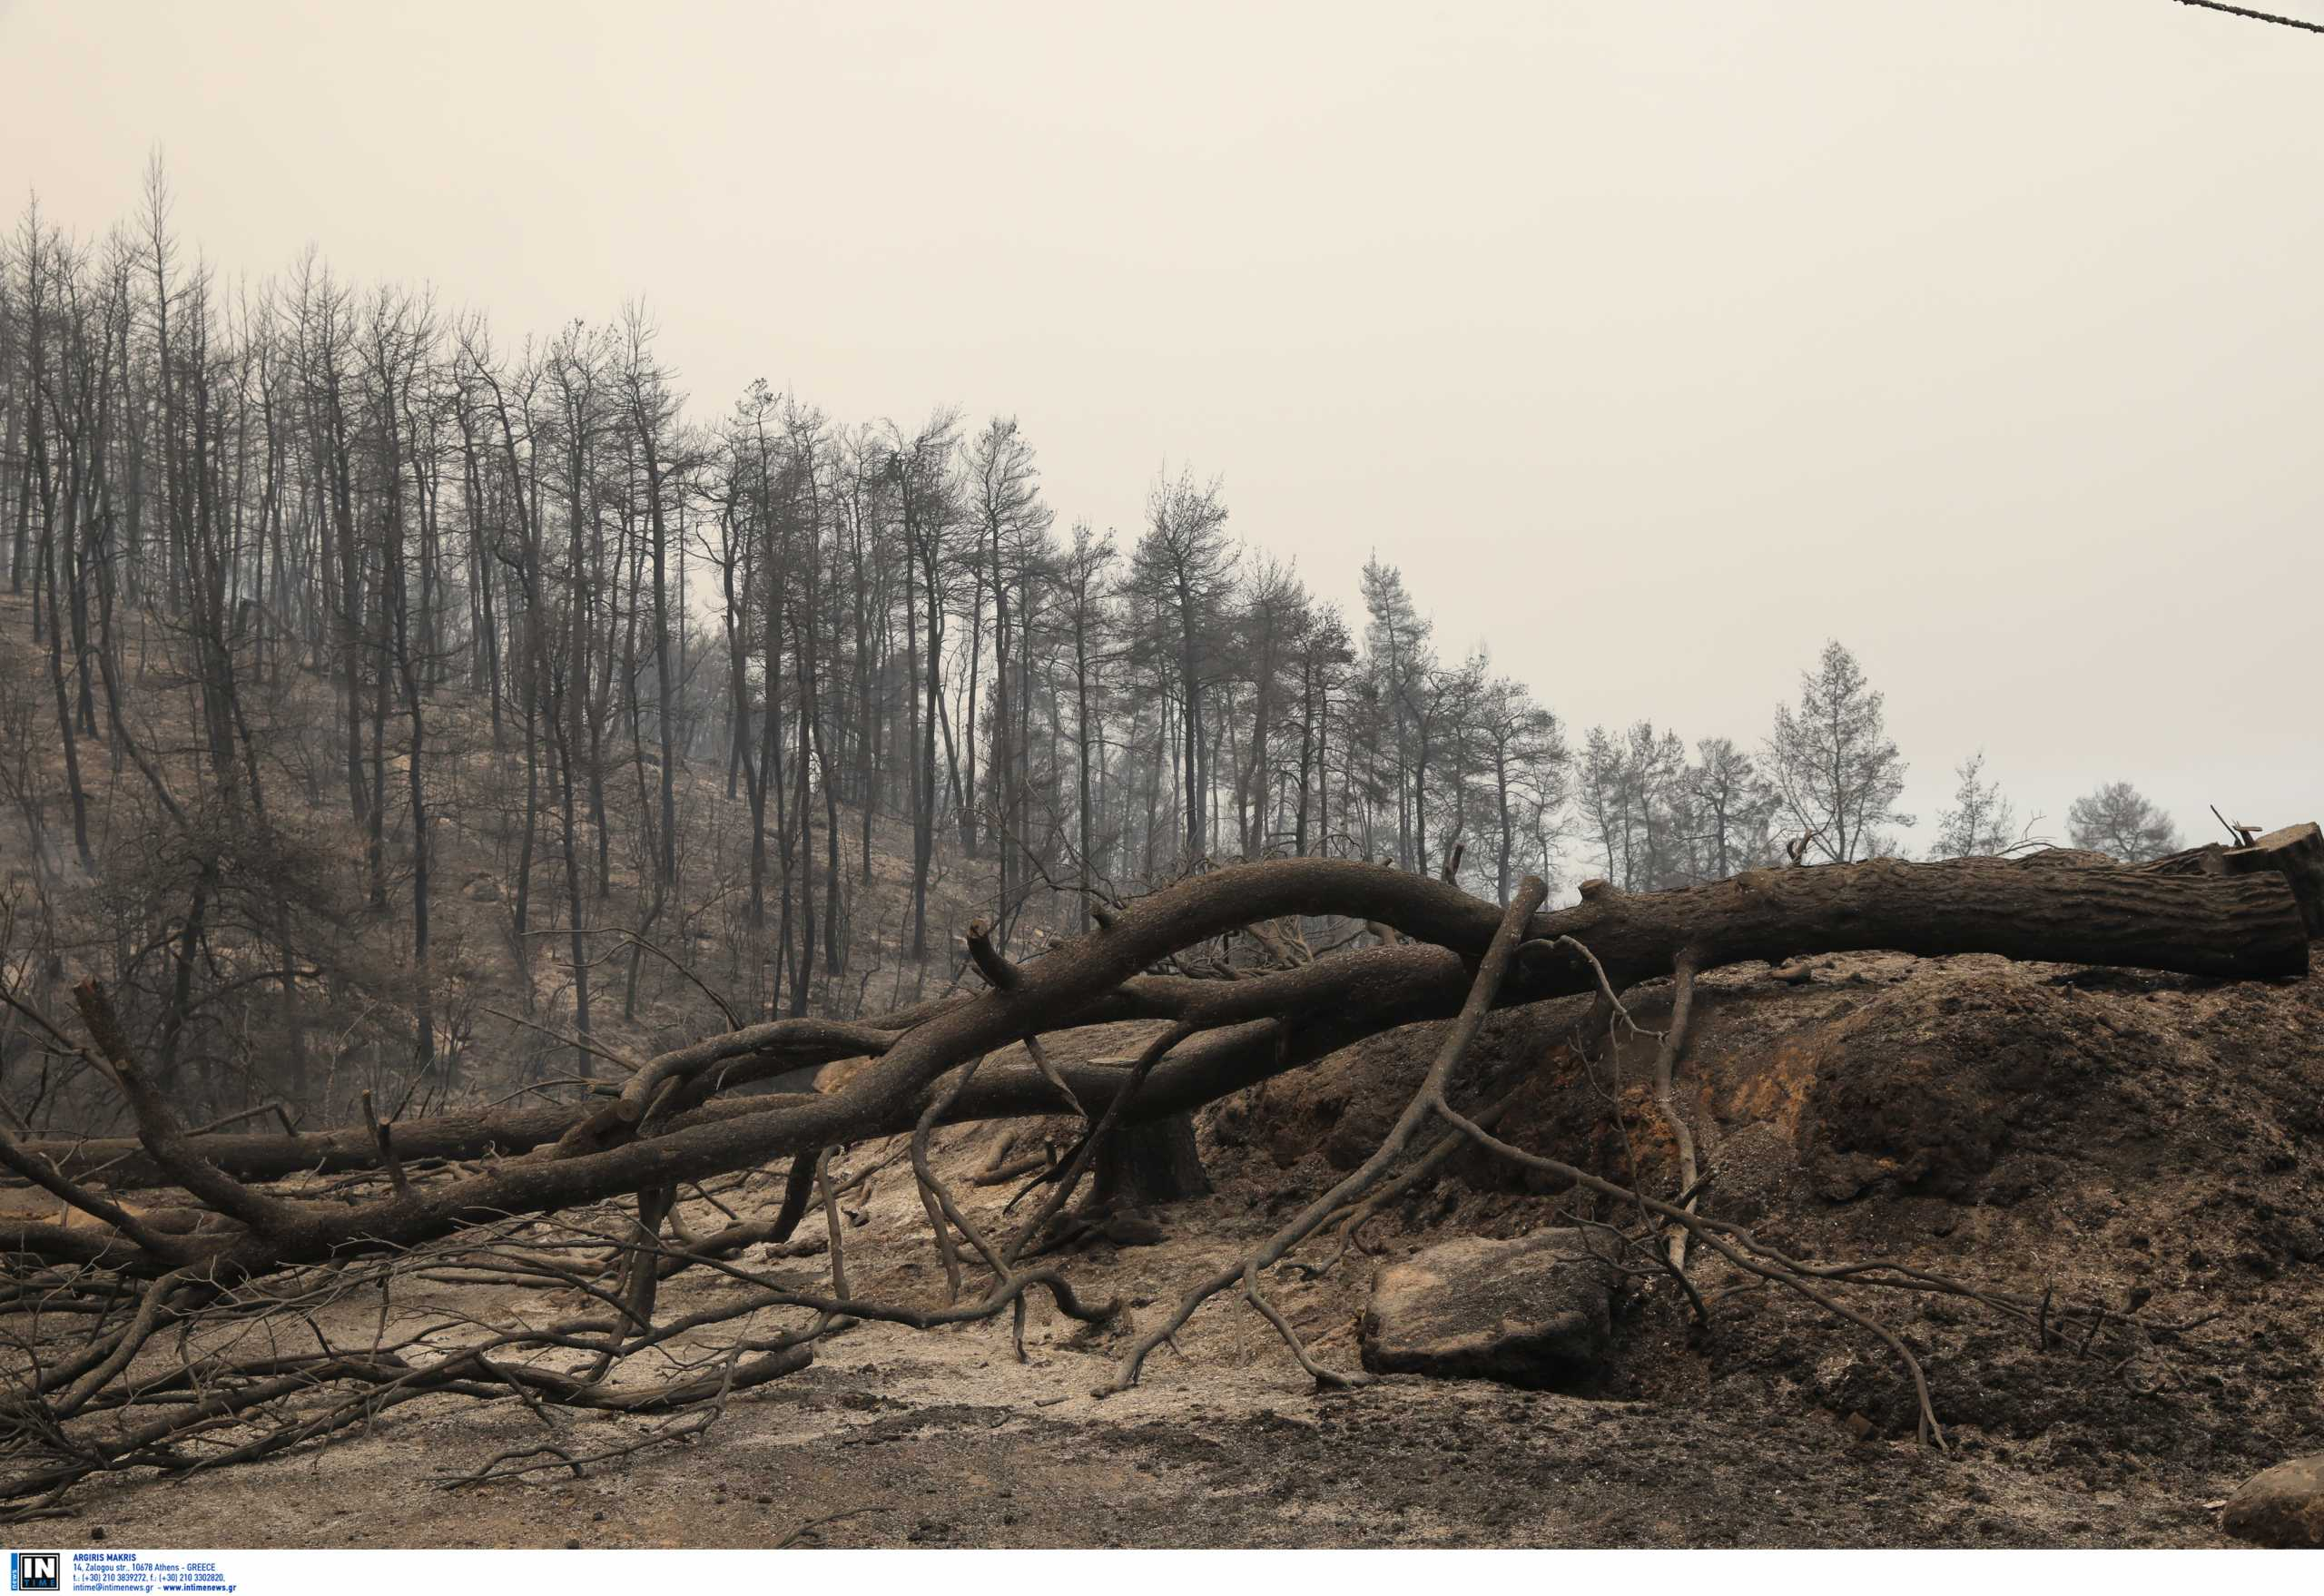 Πυρόπληκτες περιοχές: Αυτά είναι τα μέτρα στήριξης για τους ρητινοκαλλιεργητές των καμμένων